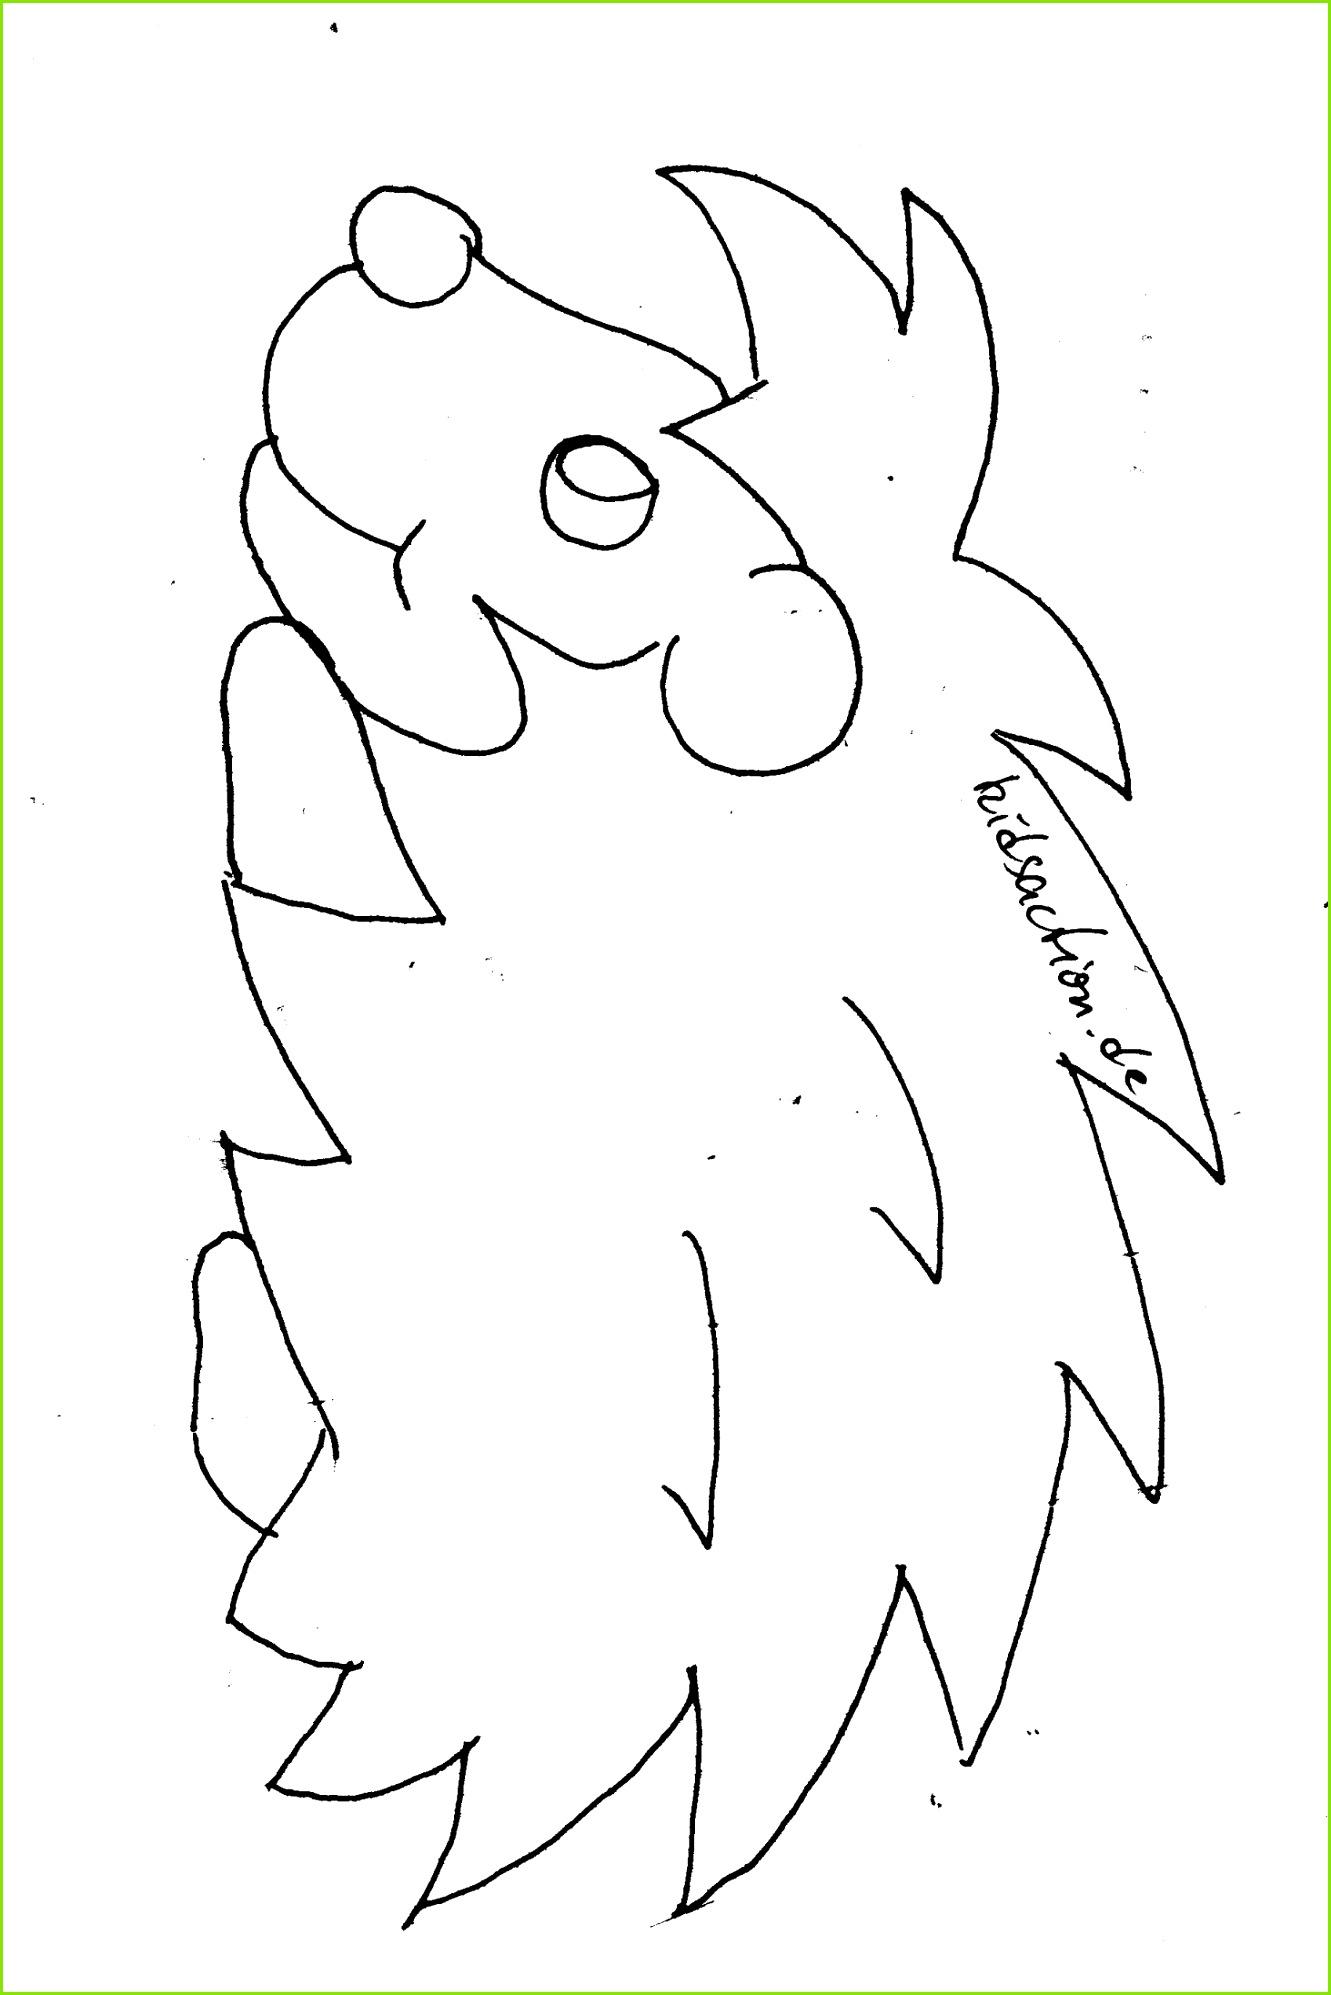 Schneeflocke Vorlage Zum Ausdrucken Malvorlagen Igel Elegant Igel Grundschule 0d Archives Uploadertalk